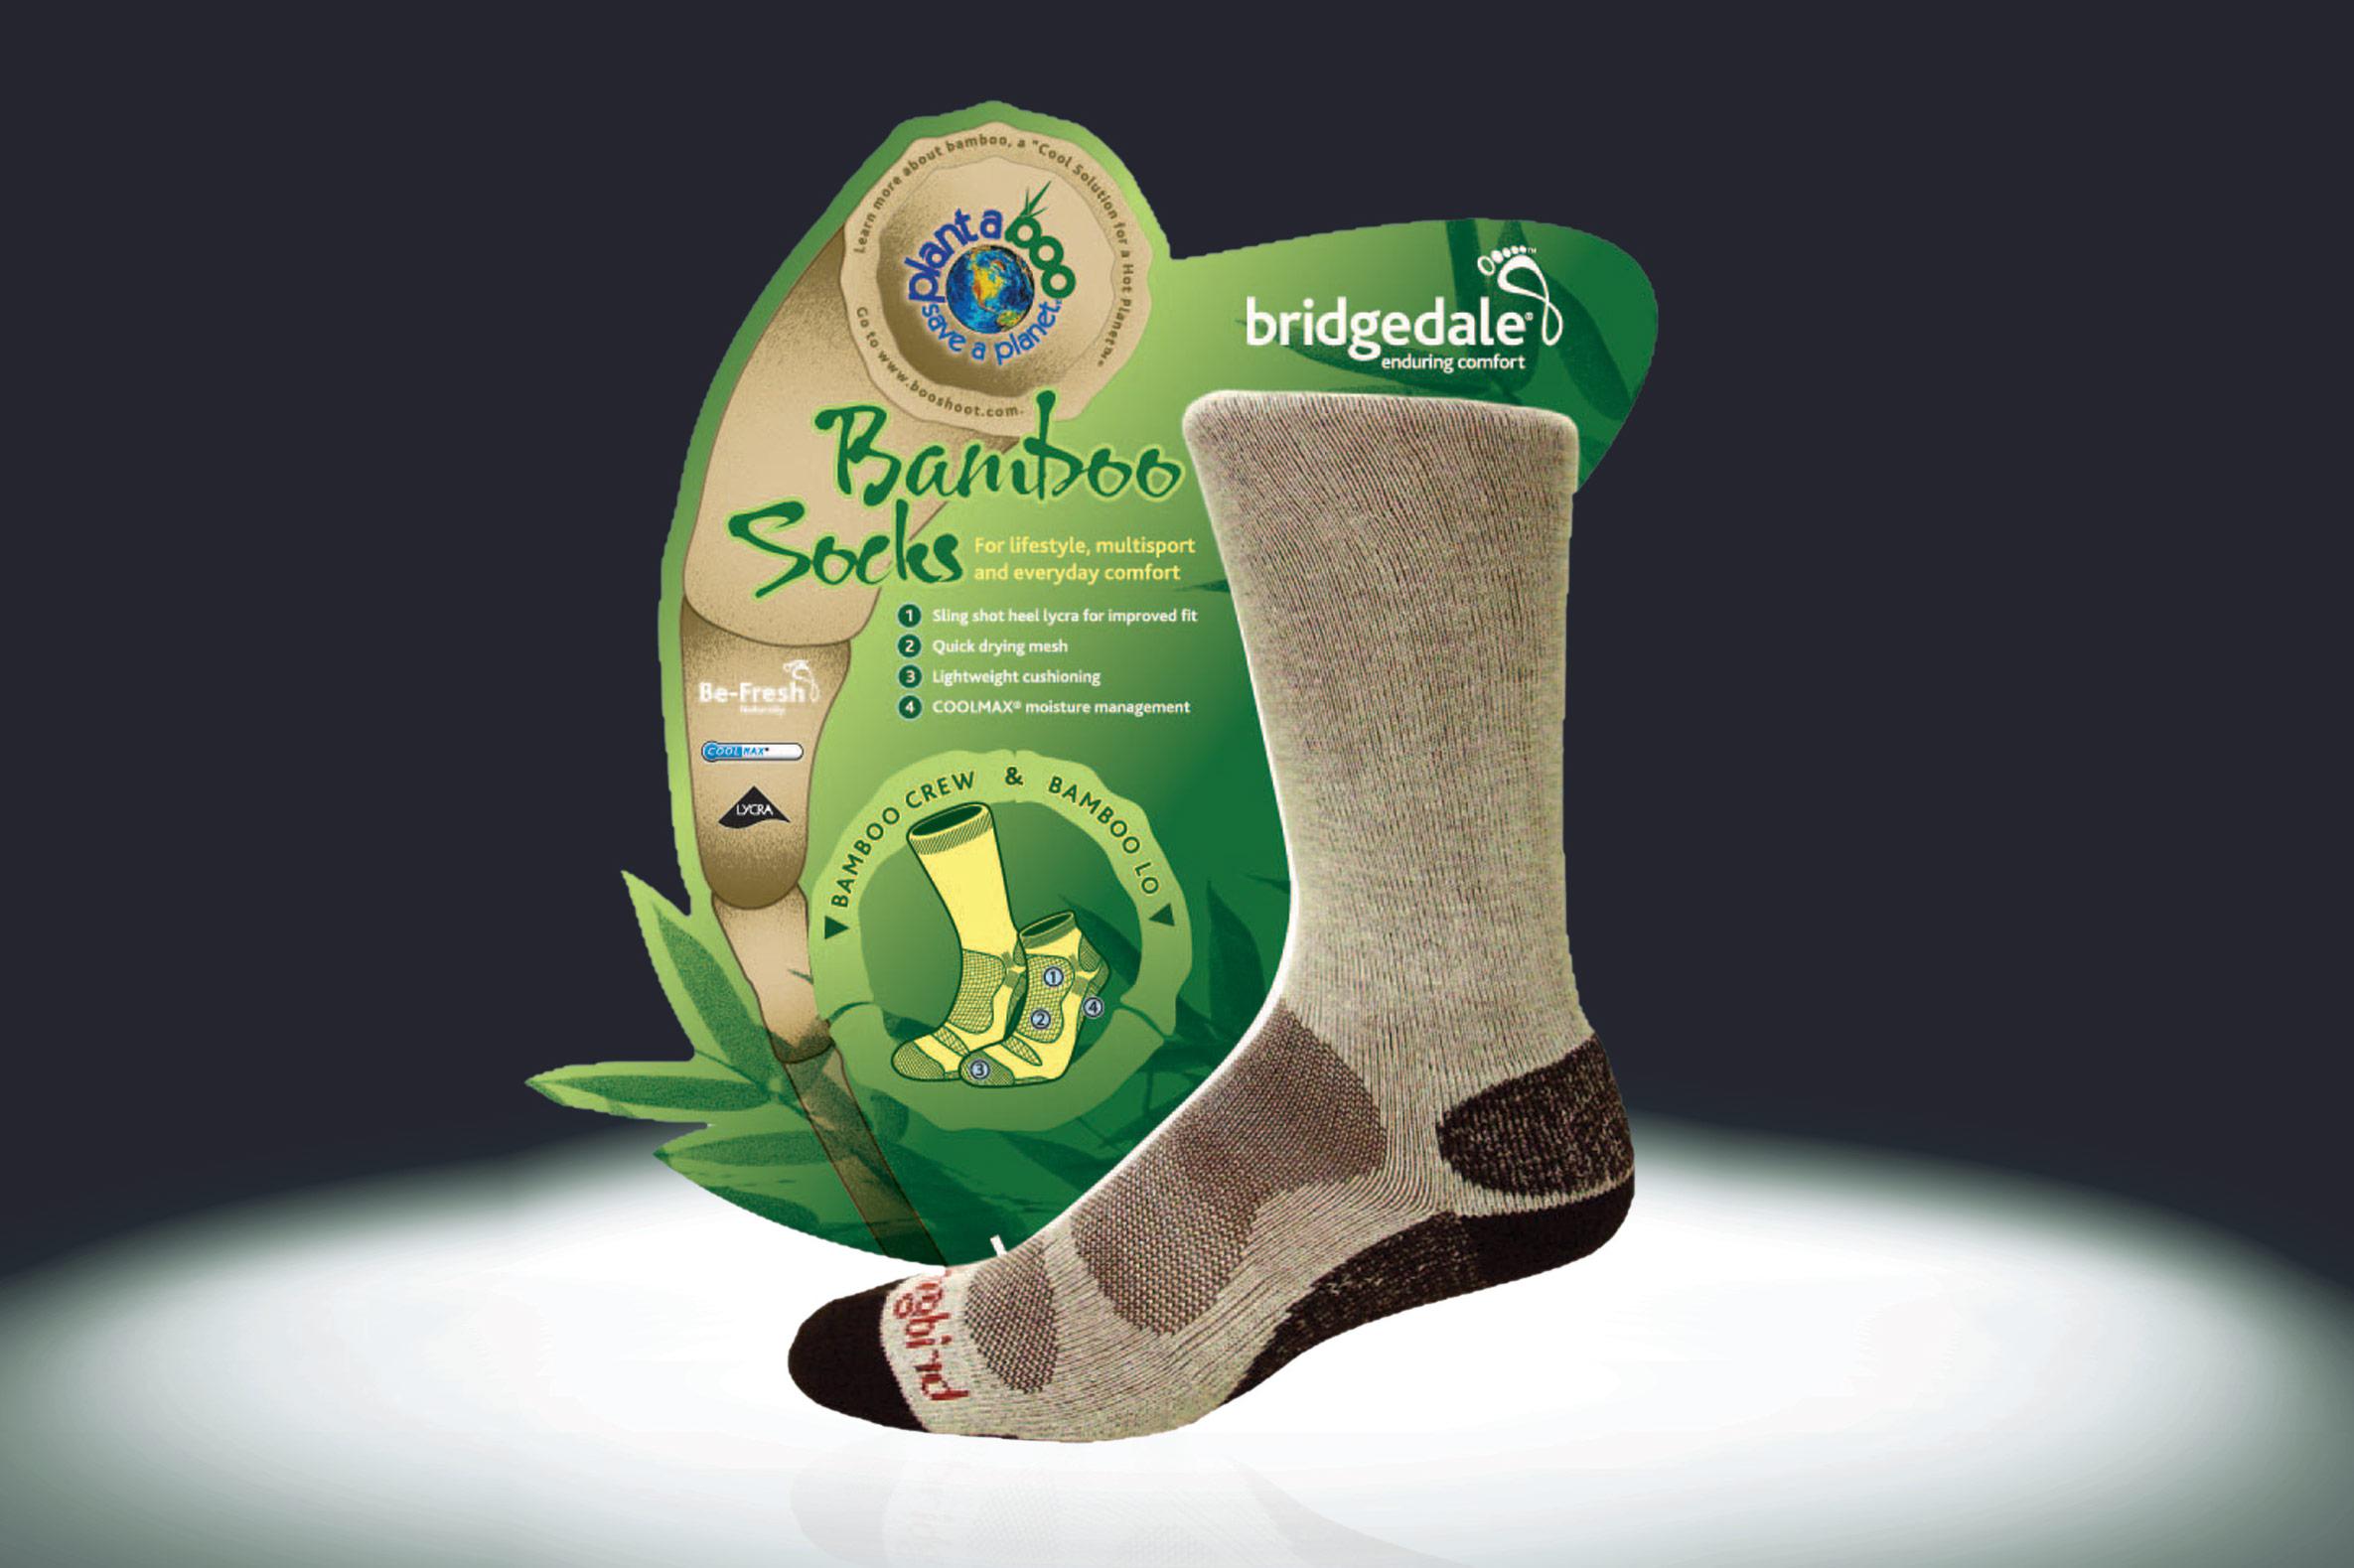 bridgedale-sock-pop2.jpg